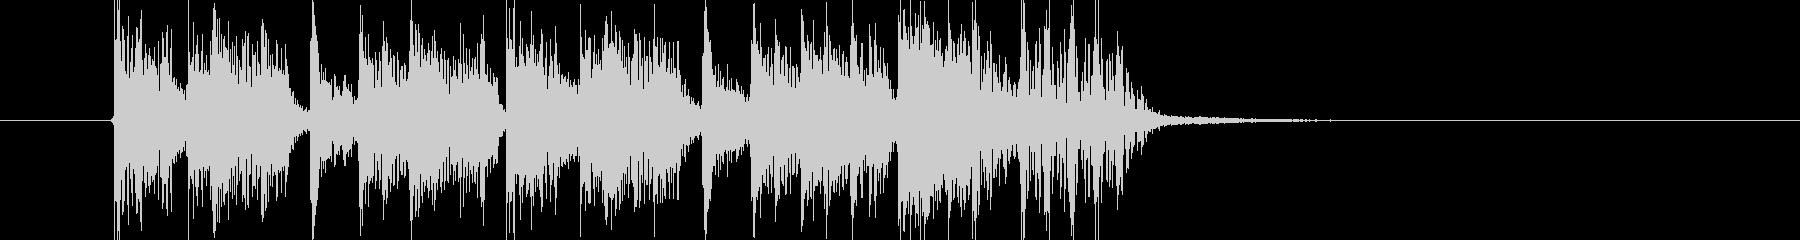 スピーディーでリズミカルなテクノジングルの未再生の波形